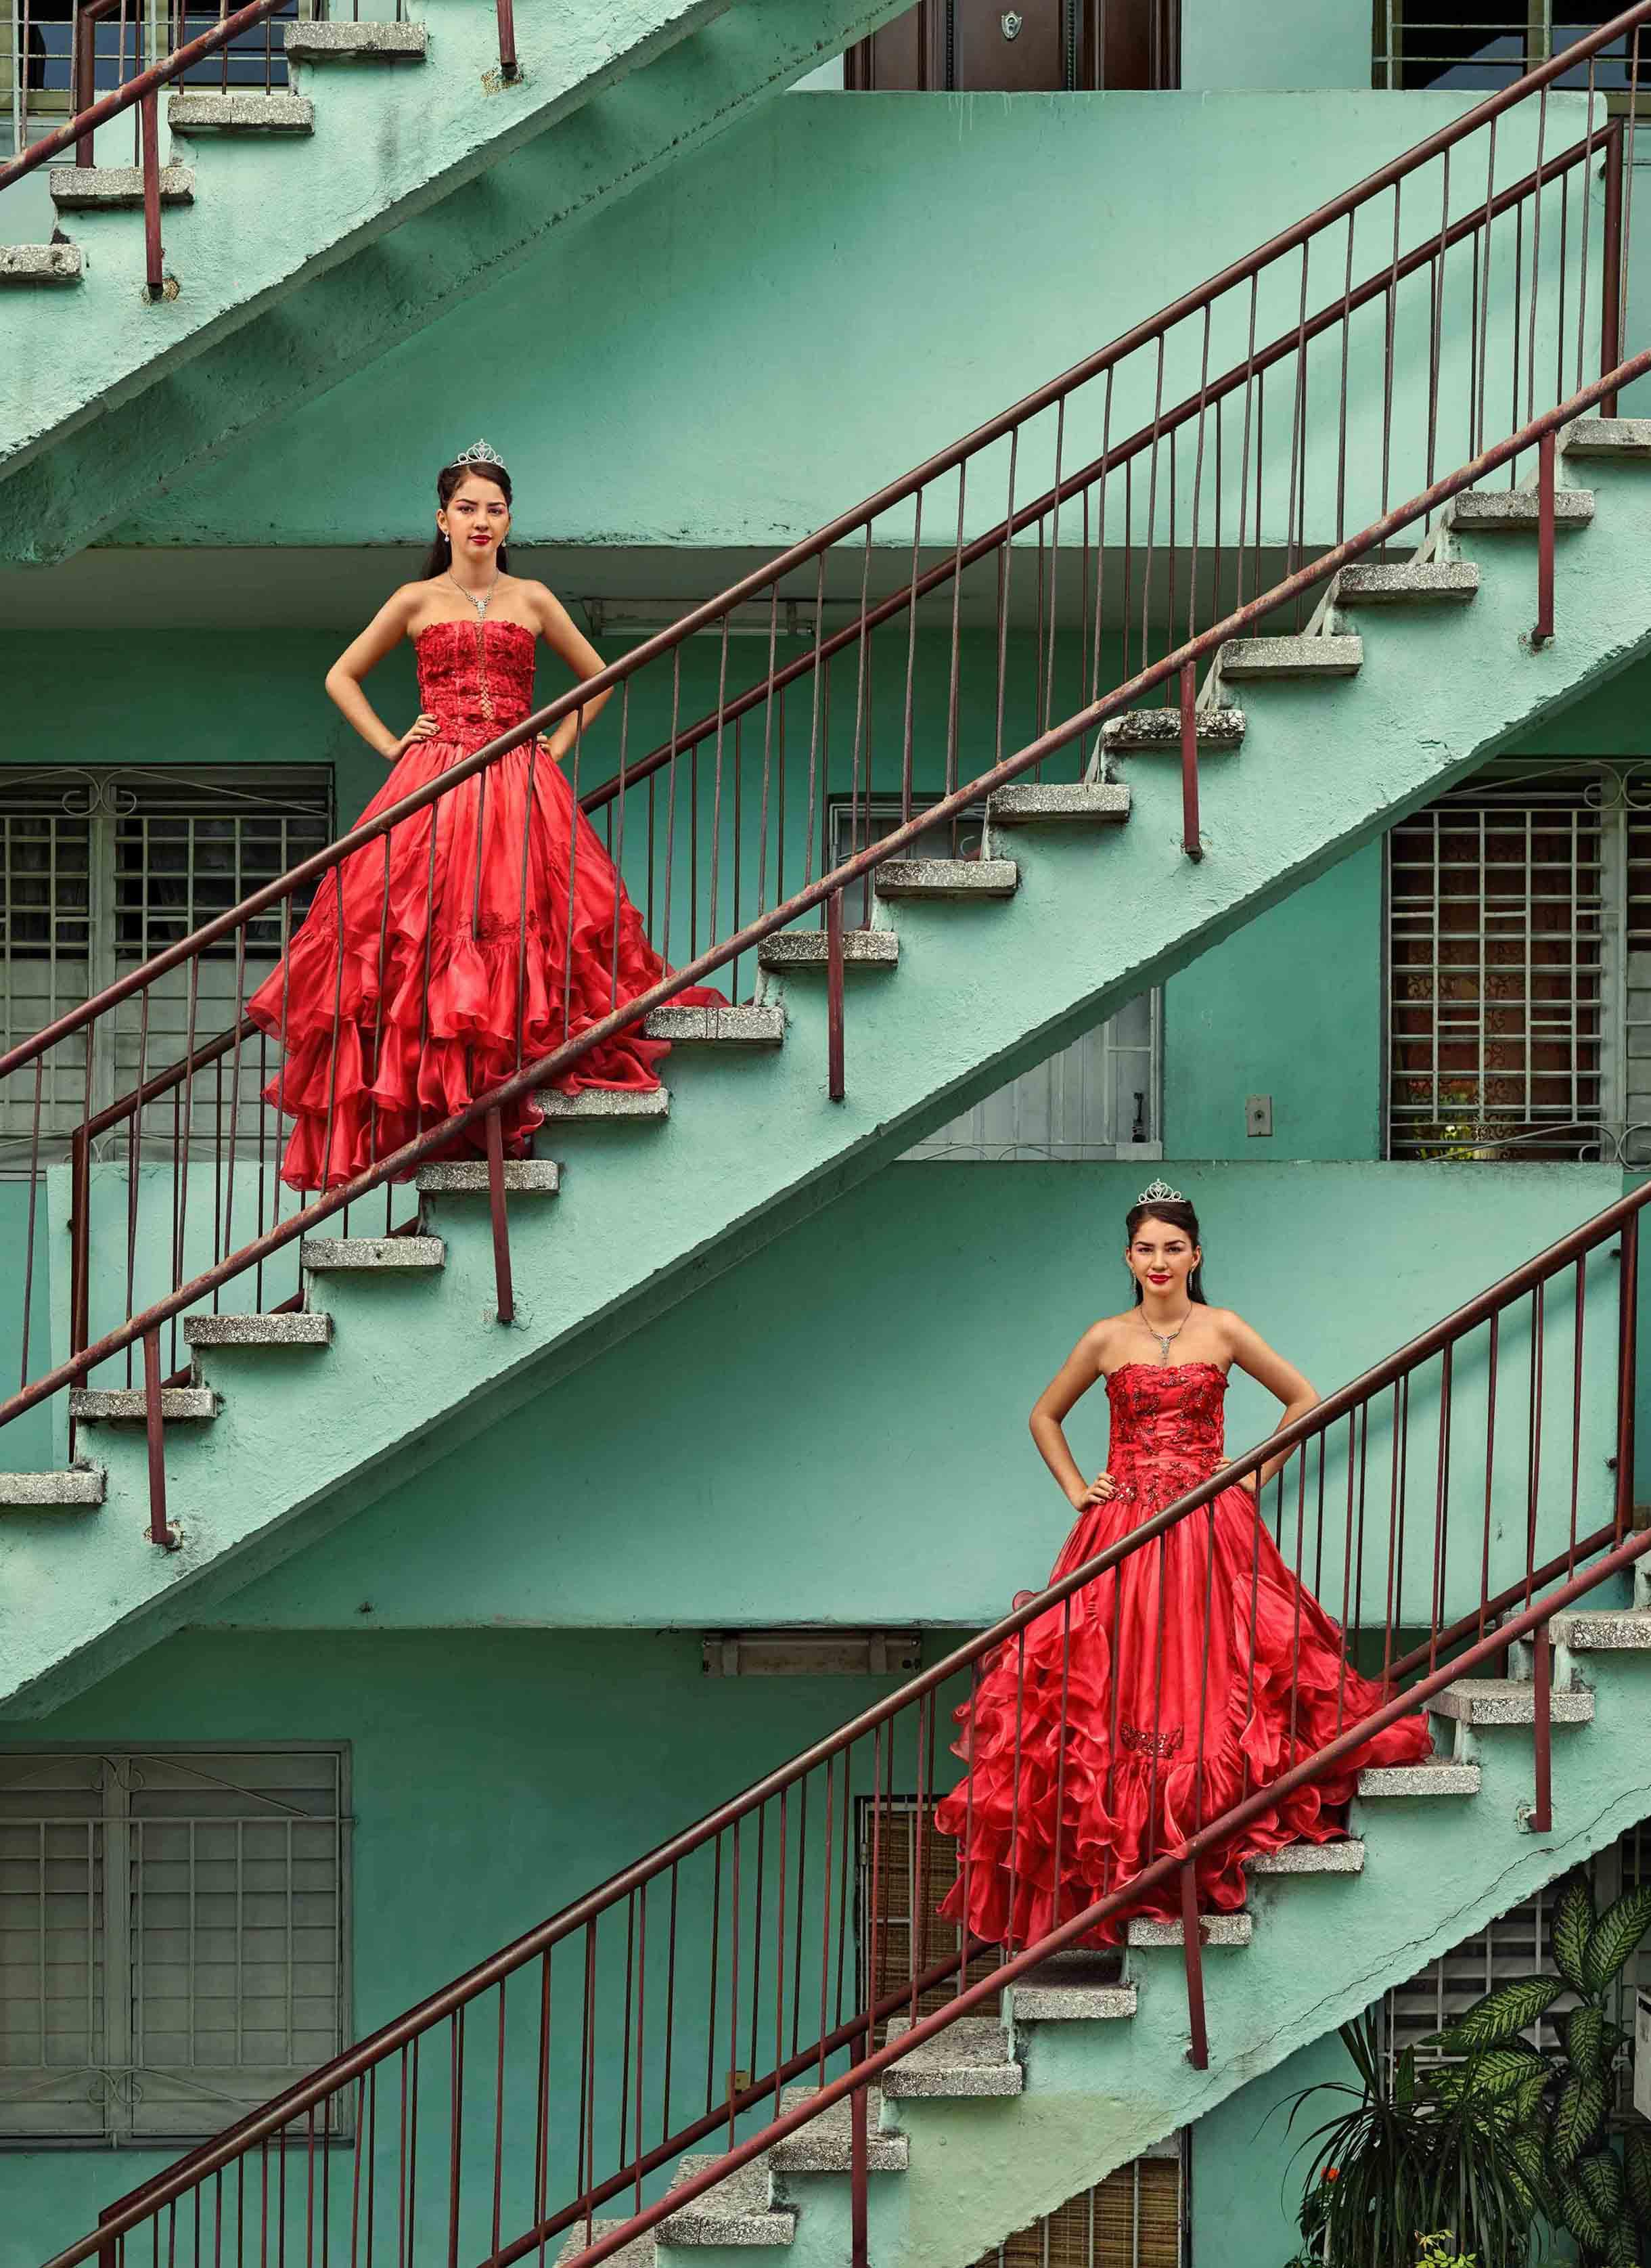 Frank Thiel, Kiara Isabel and Karla Amelia Soliño González, La Habana, Plaza de la Revolución, Nuevo Vedado,2016,  Courtesy the artist and BlainSouthern